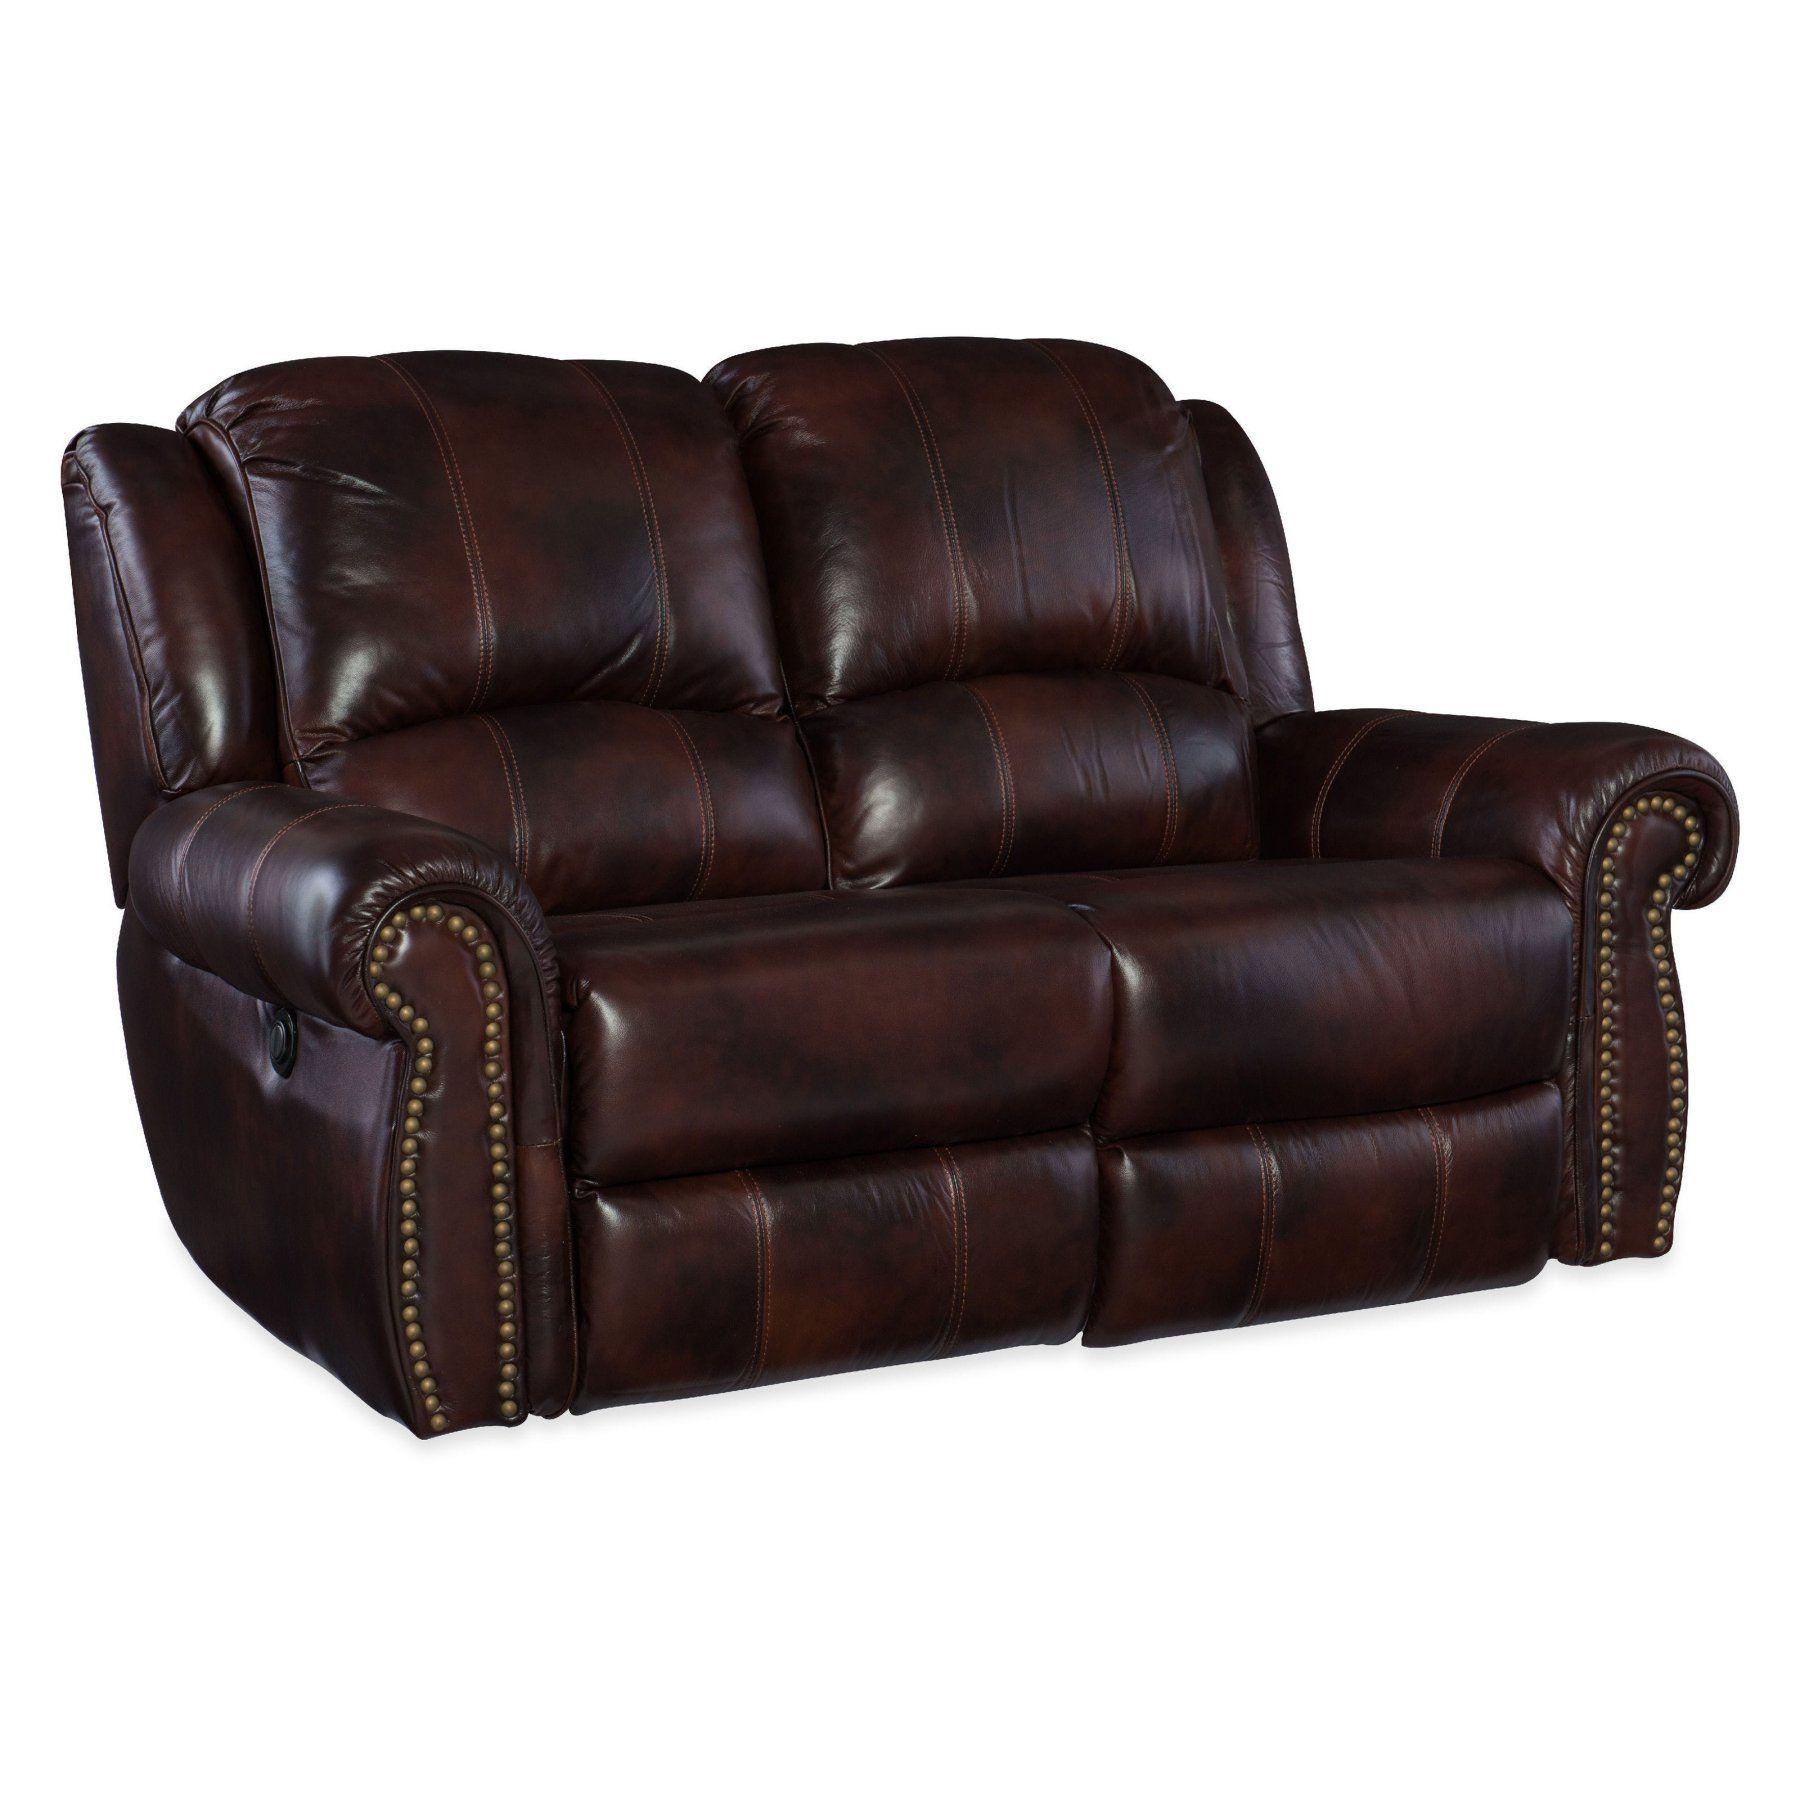 Swell Hooker Furniture Jackson Loveseat Ss611 Pr 02068 Dailytribune Chair Design For Home Dailytribuneorg